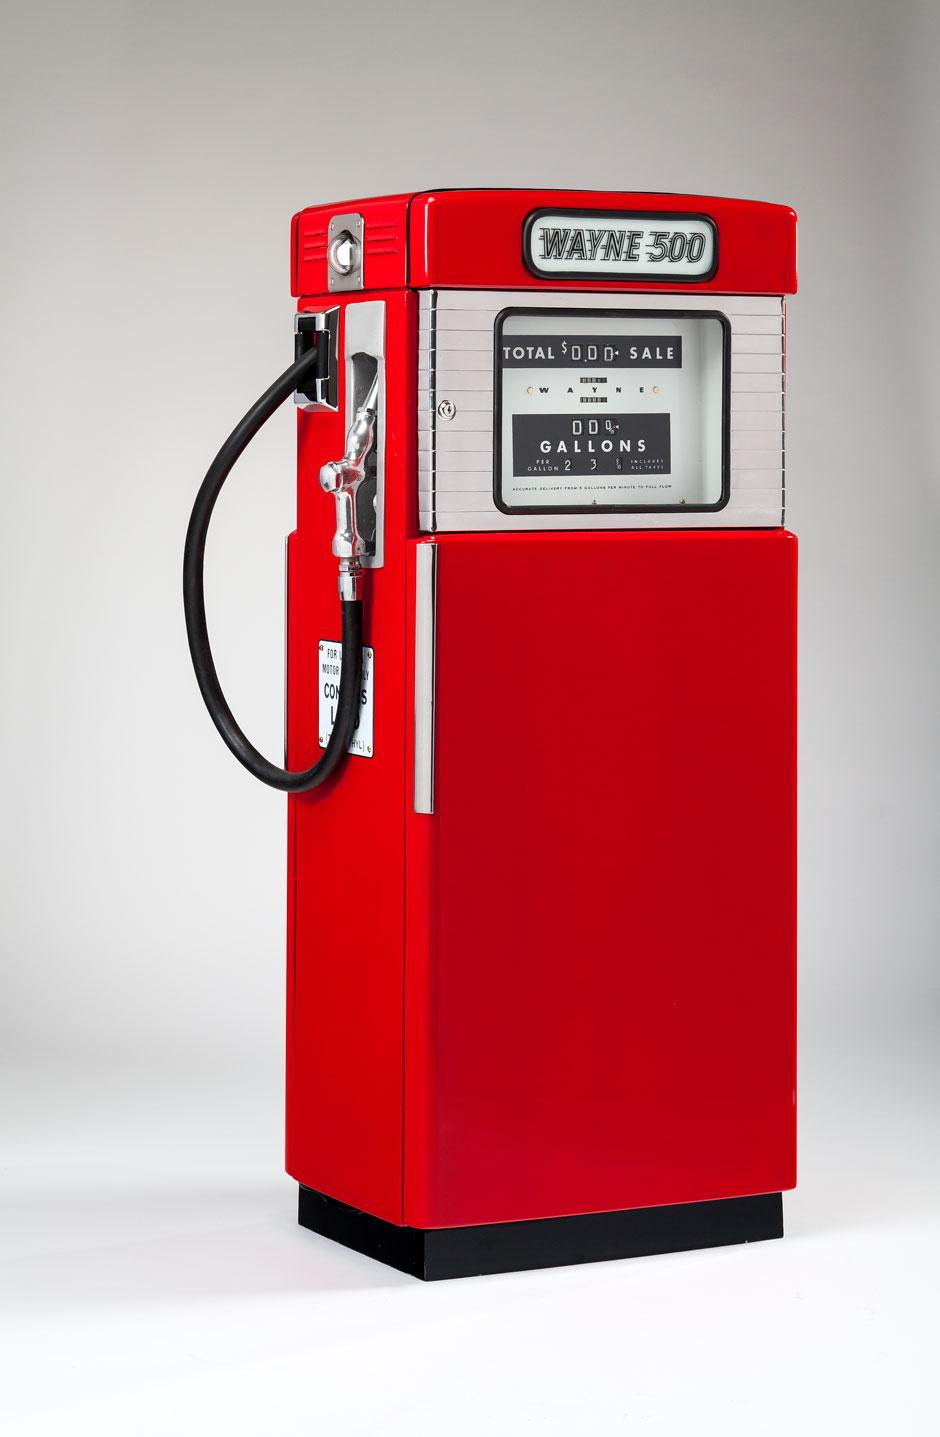 Peter Muller-Munk's Wayne 500 series gasoline pump, 1950